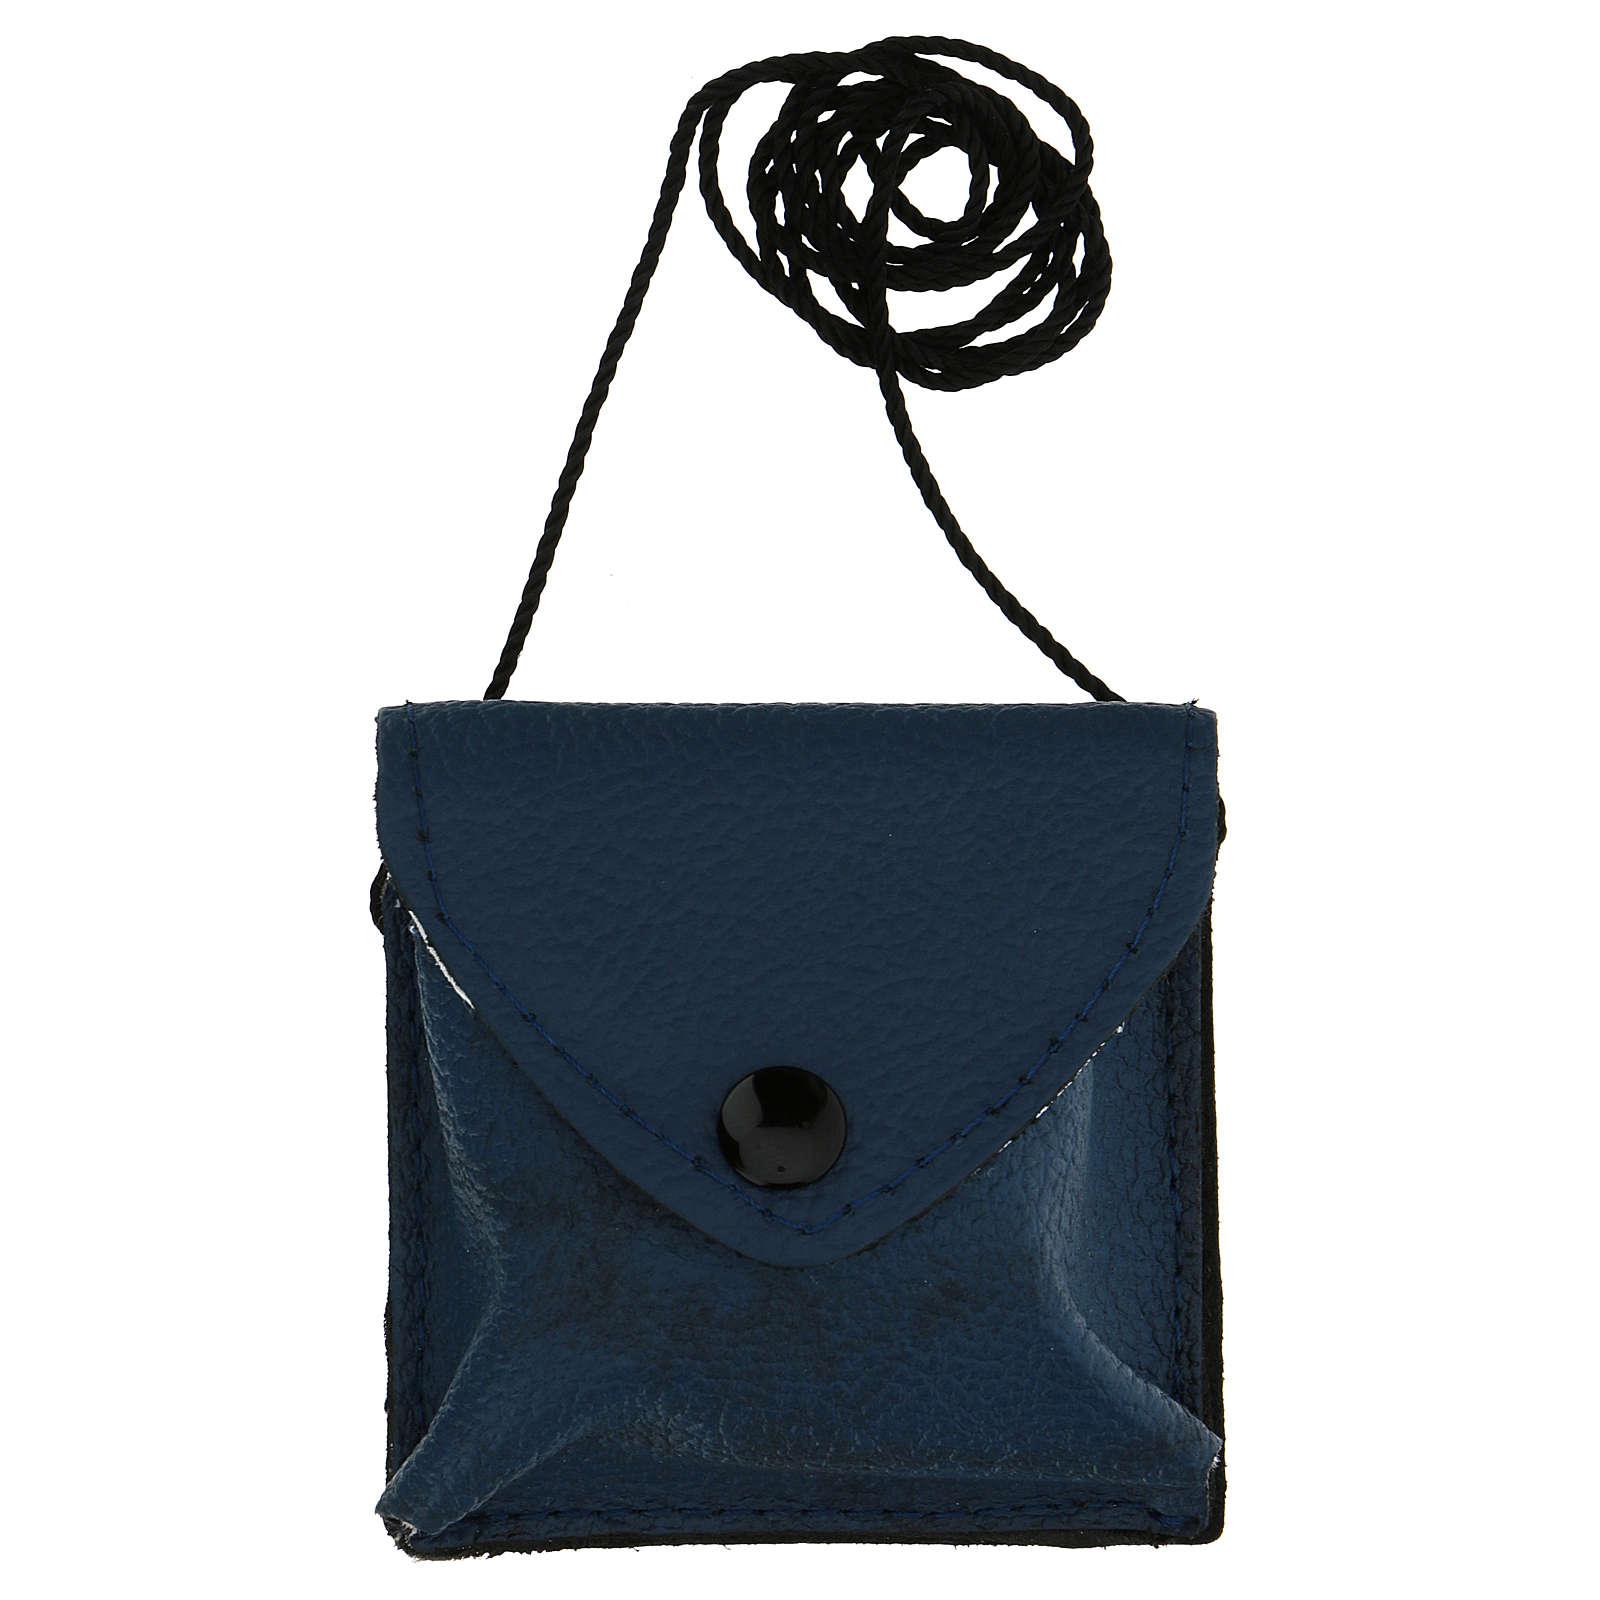 Astuccino portateca blu scuro vera pelle teca disegno IHS 3